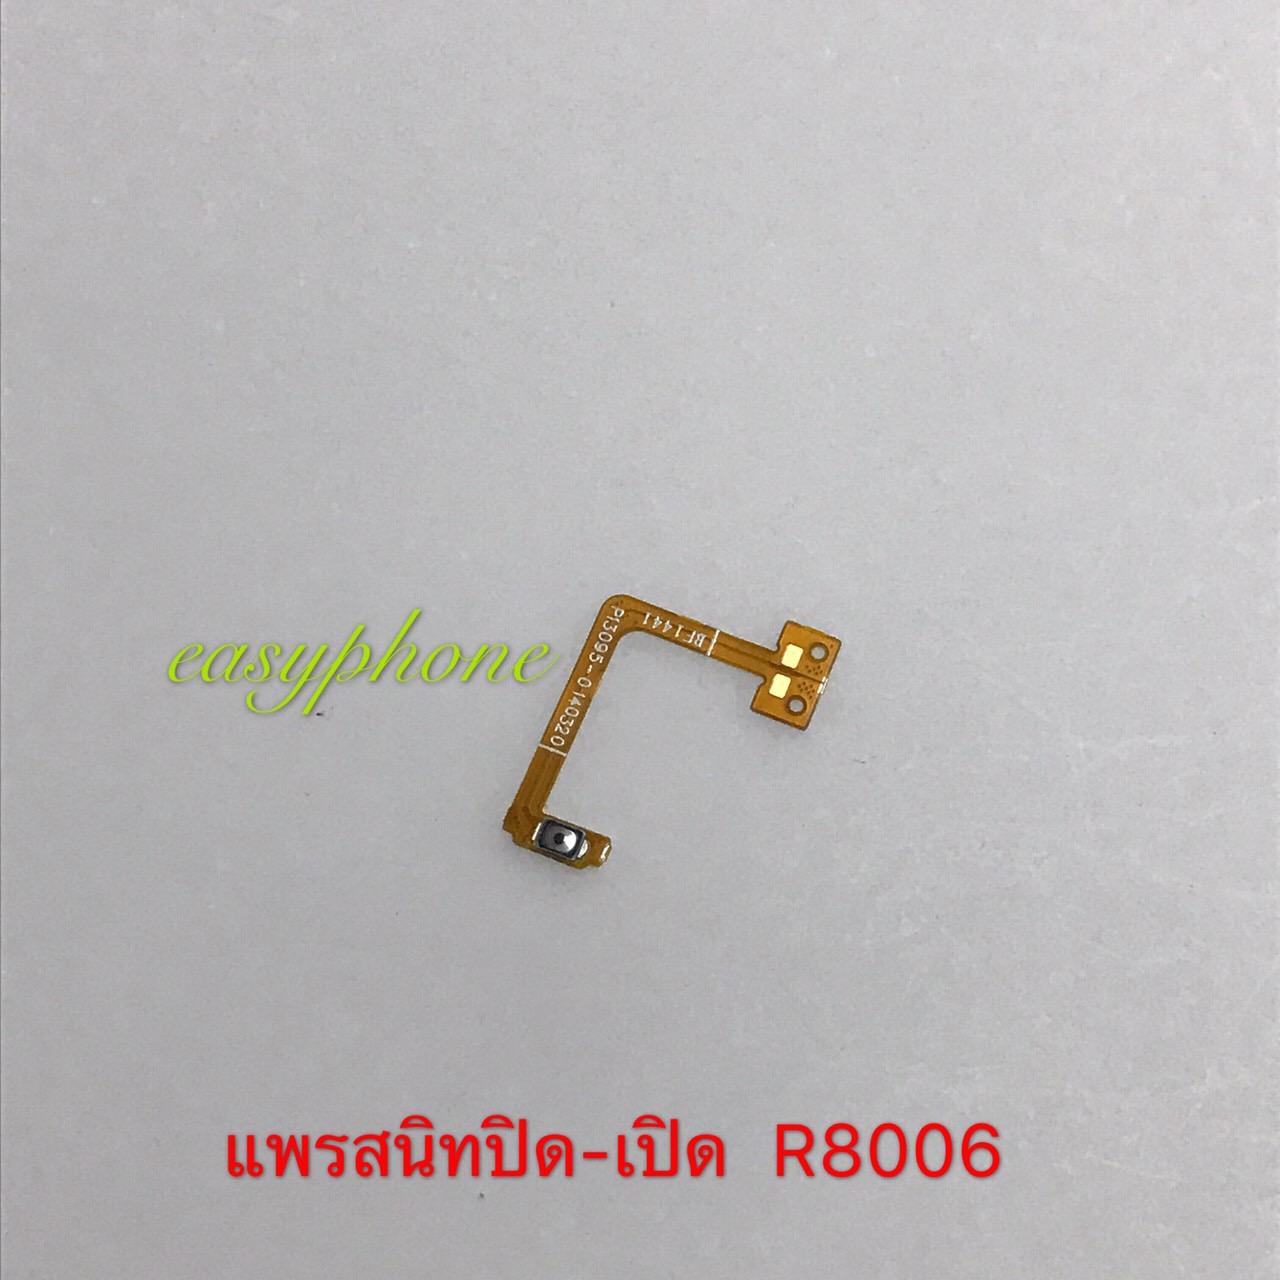 แพรสวิท เปิด-ปิด OPPO R8006 / R1L